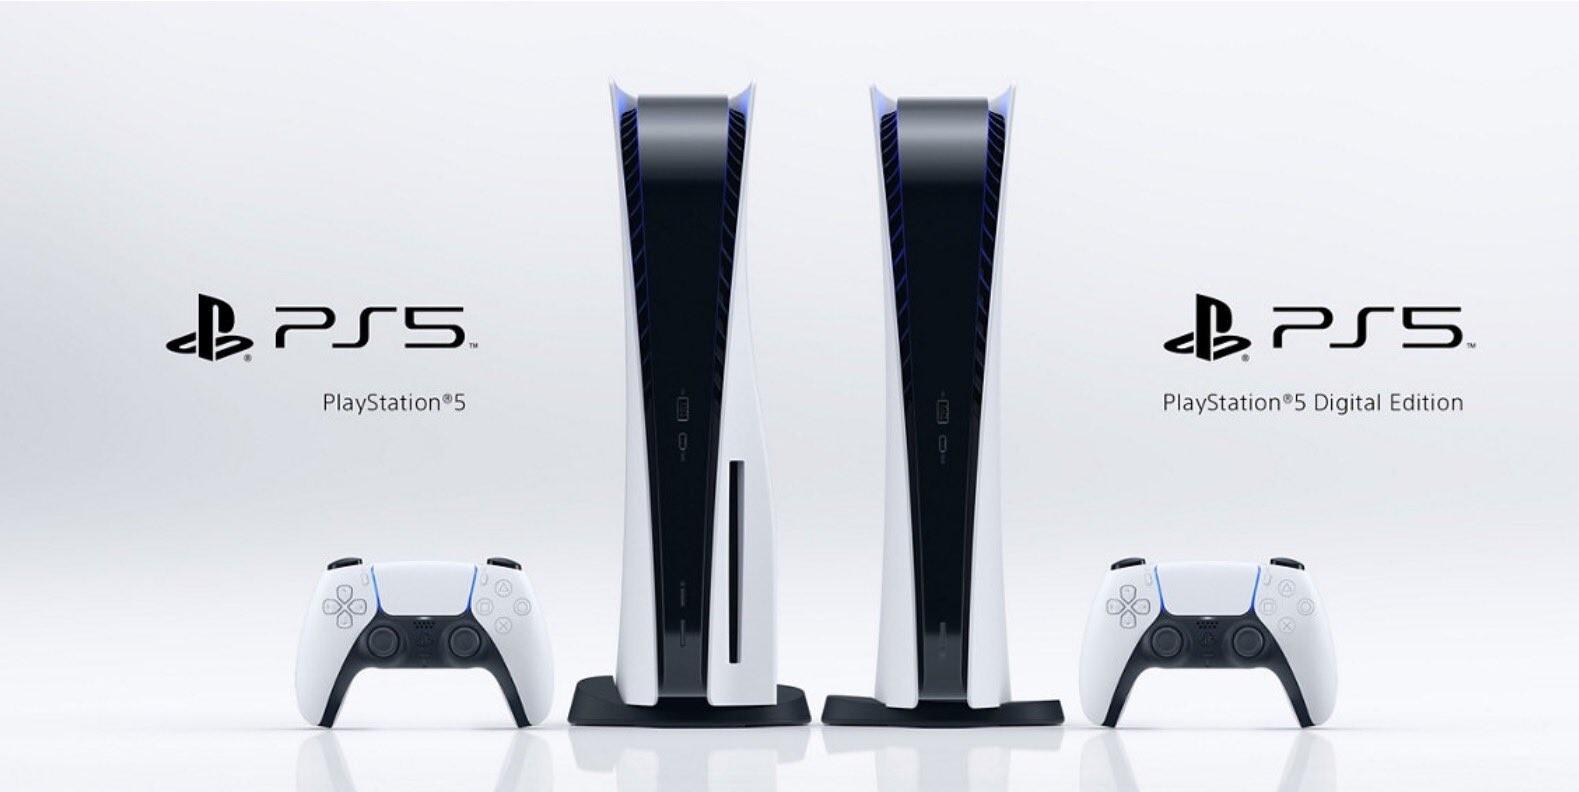 索尼PS5主机全家桶售价全曝光 起售价和PS4一样